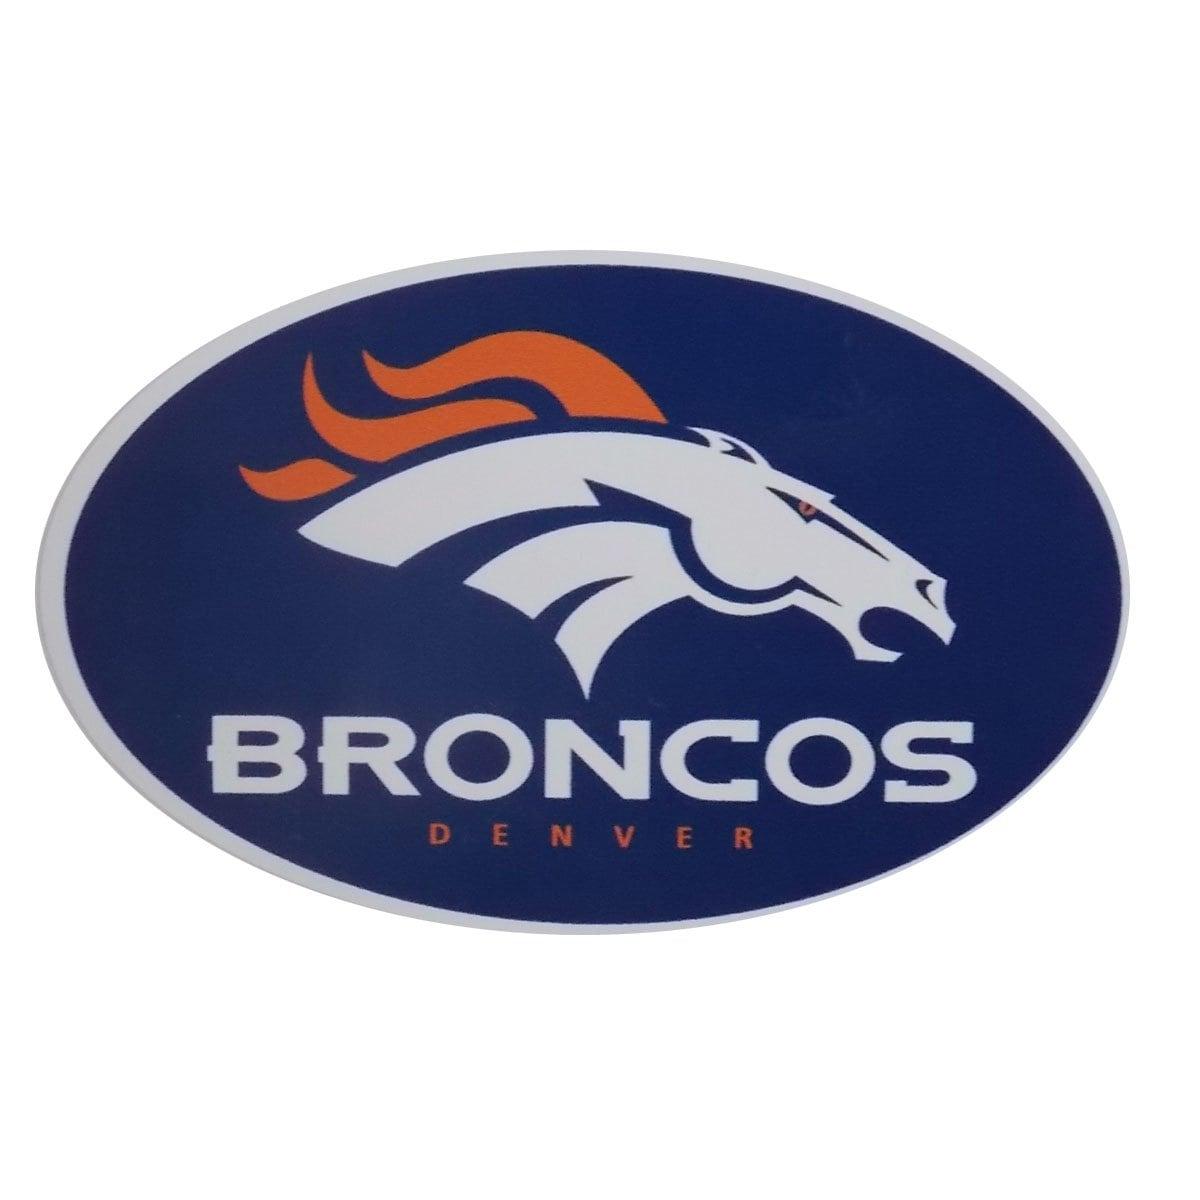 Sticker Broncos Denver Nfl